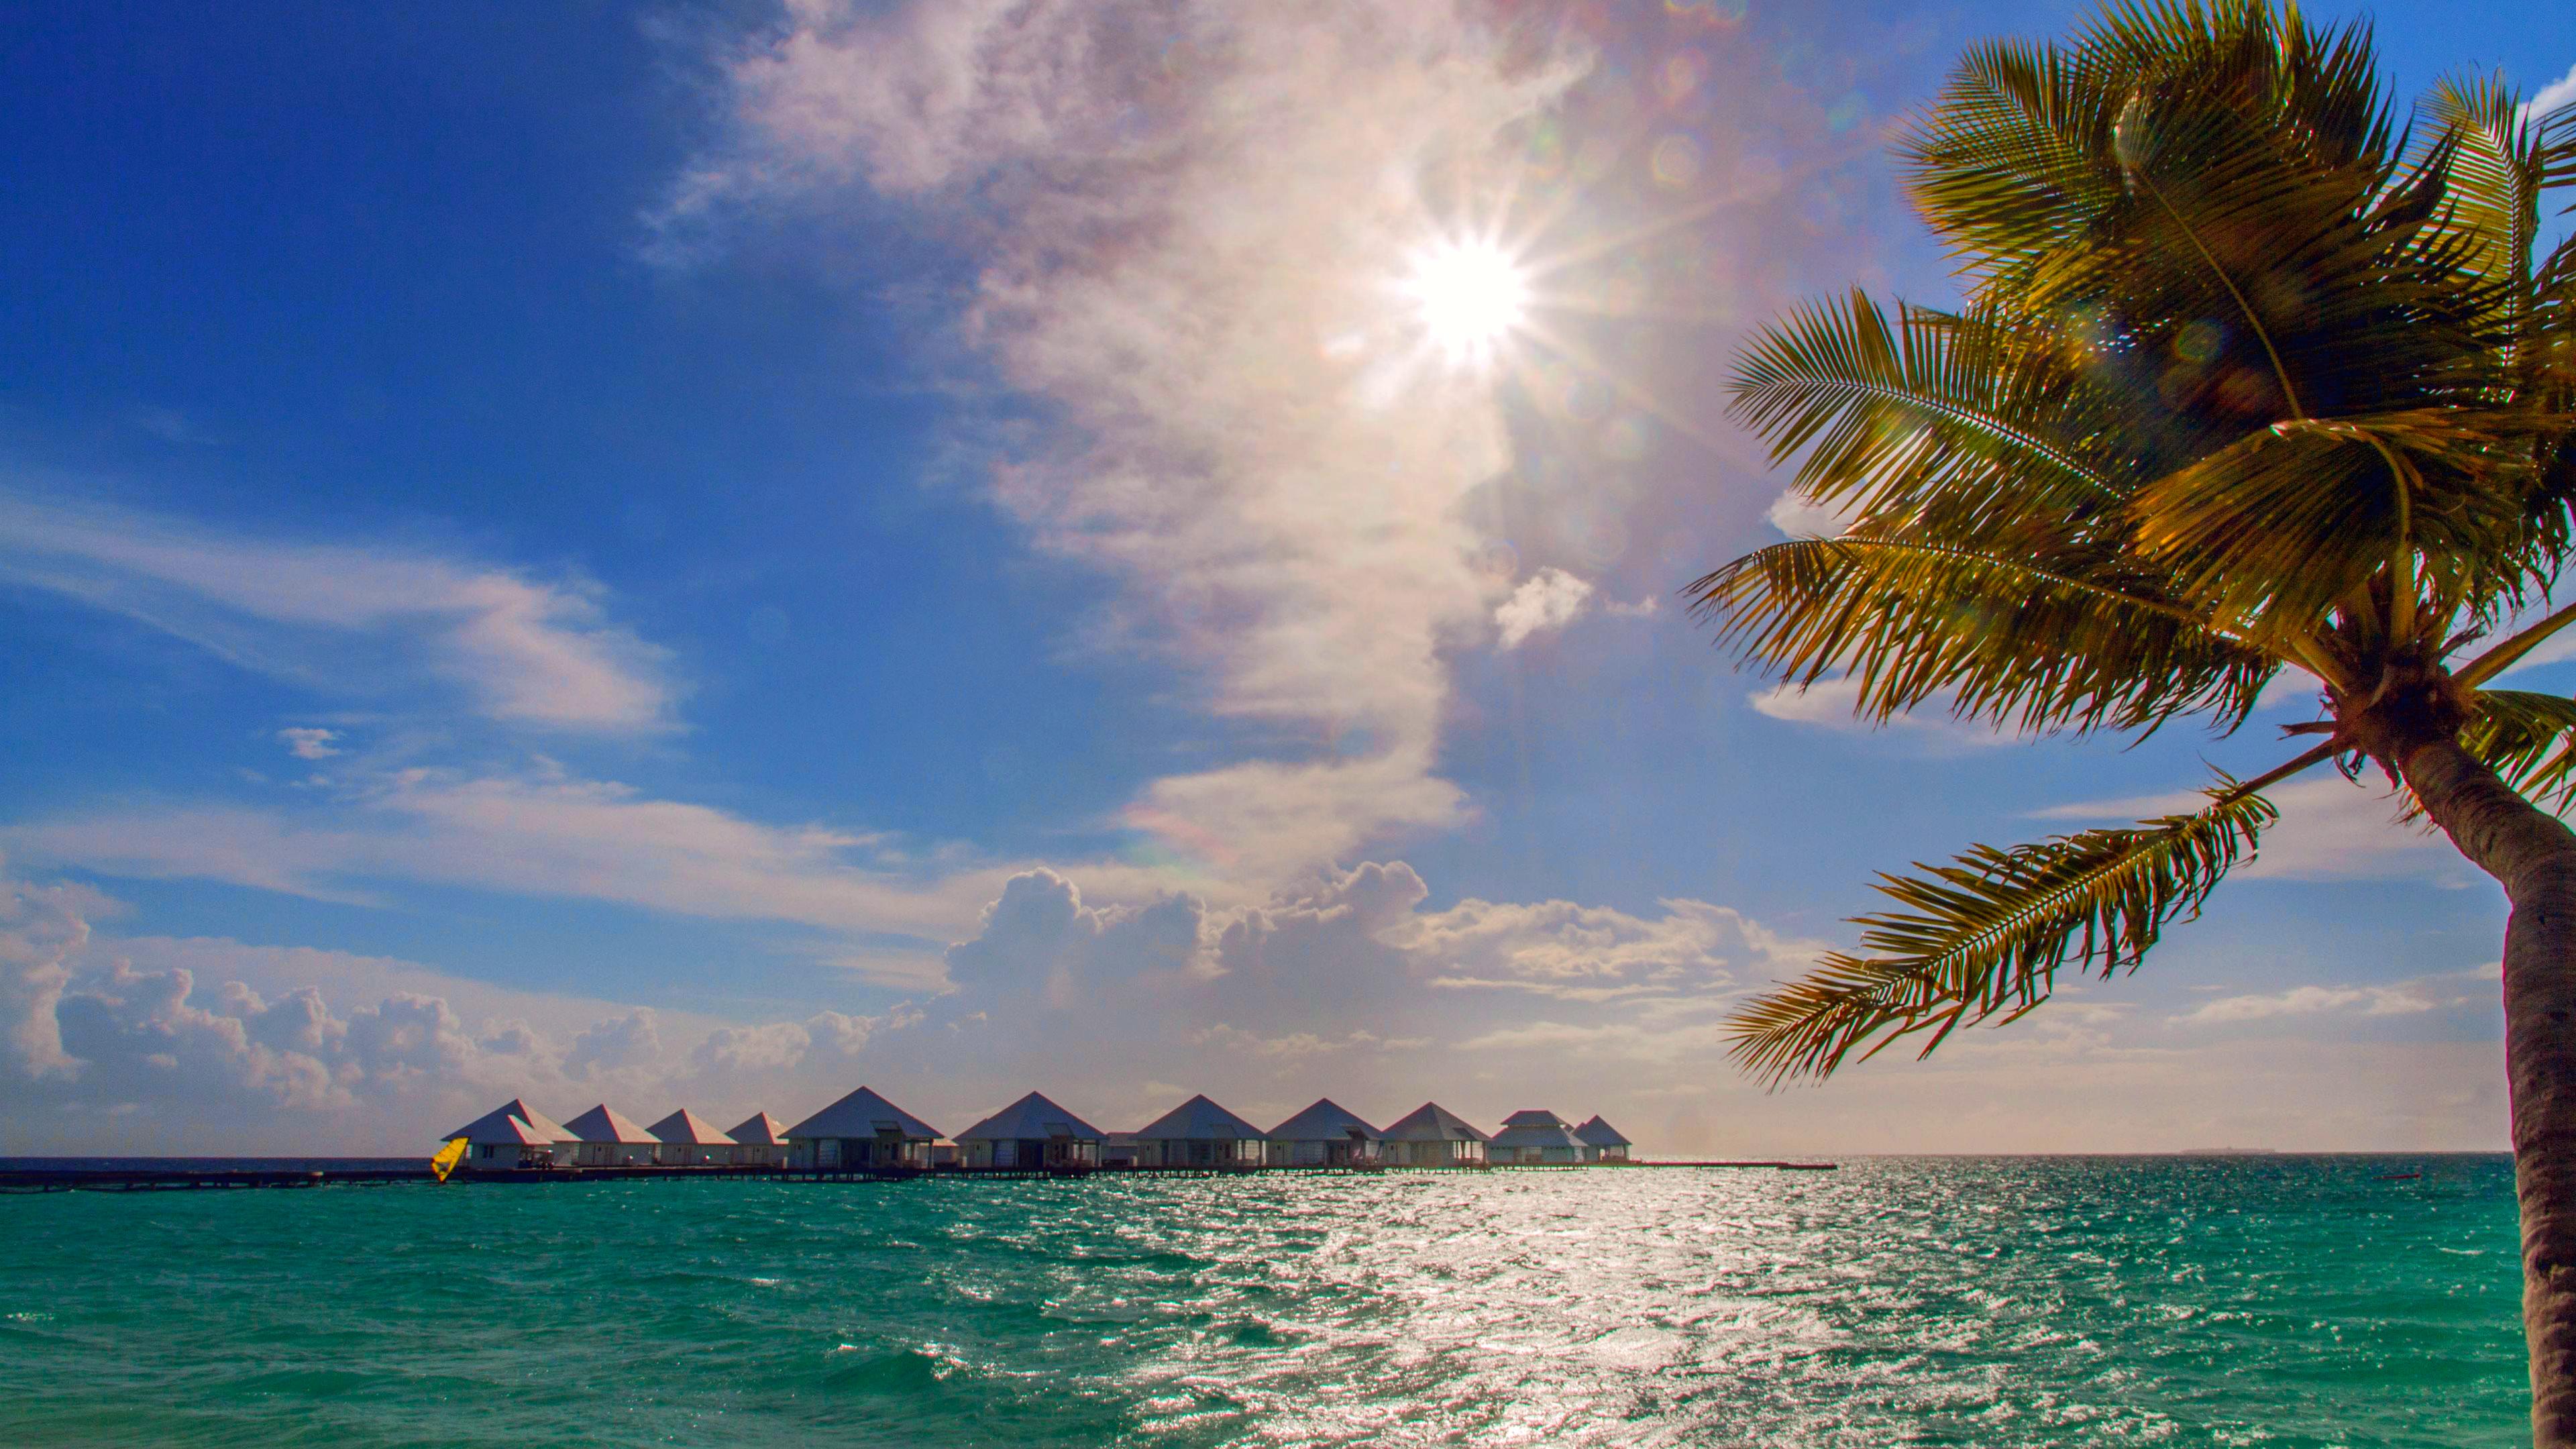 бунгало море пальмы скачать